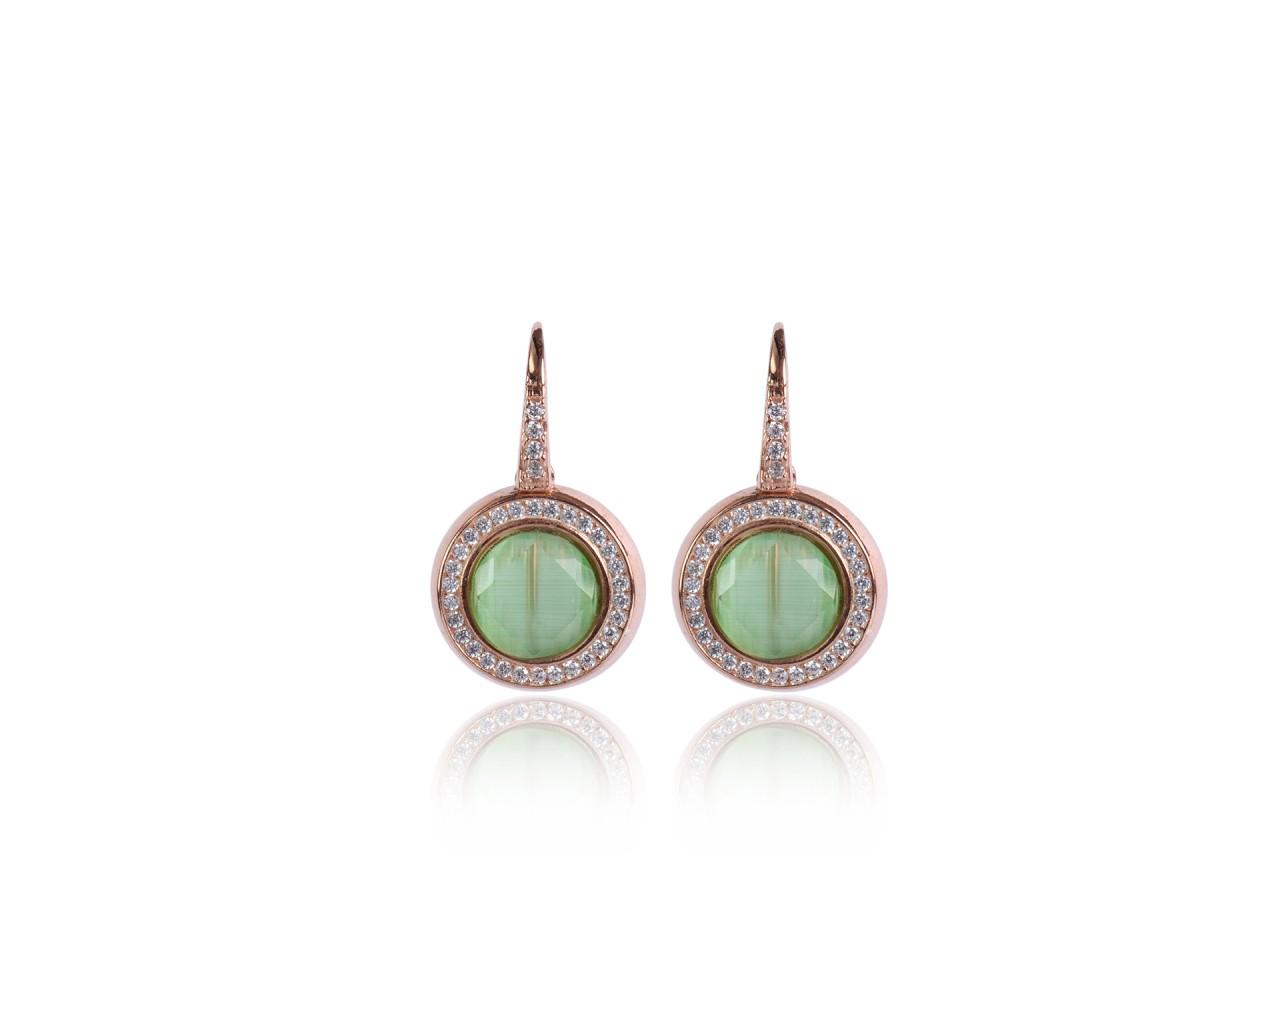 Orecchini in argento con finitura rosè e pietre dure color verde chiaro